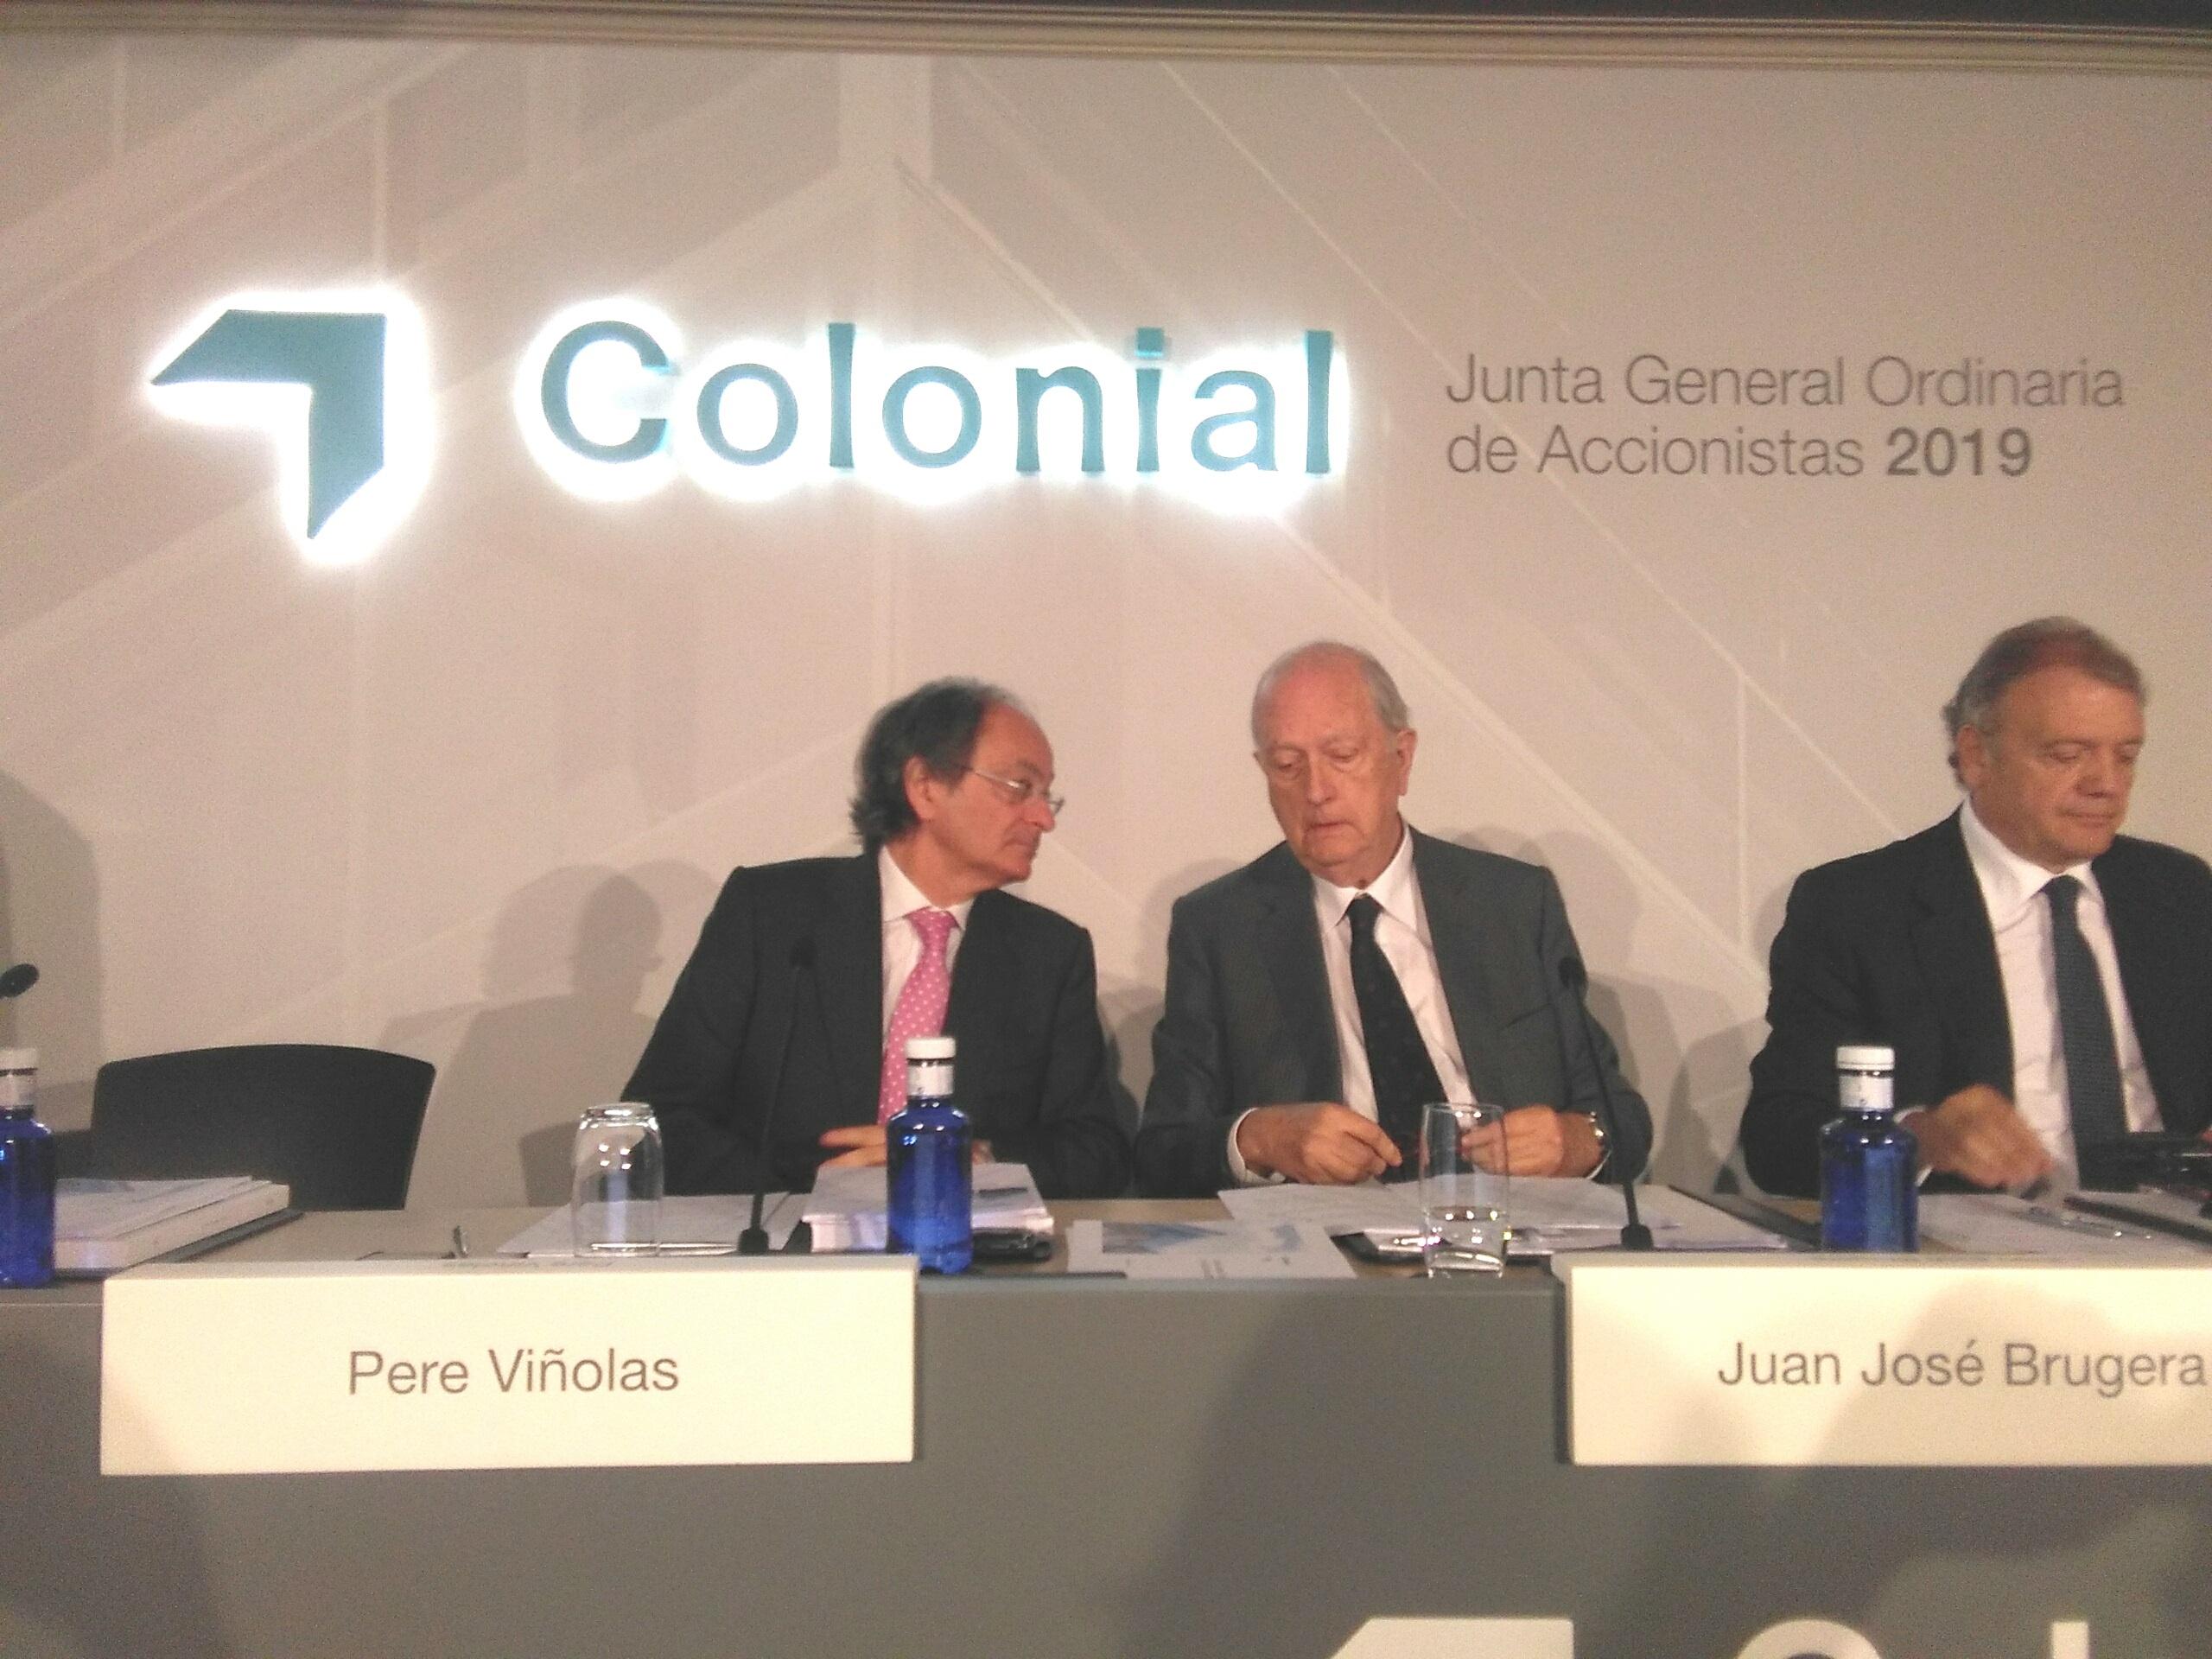 El presidente de Colonial, Juan José Bruguera, y el consejero delegado, Pere Viñolas, en la junta de accionistas 2019  / EUROPA PRESS